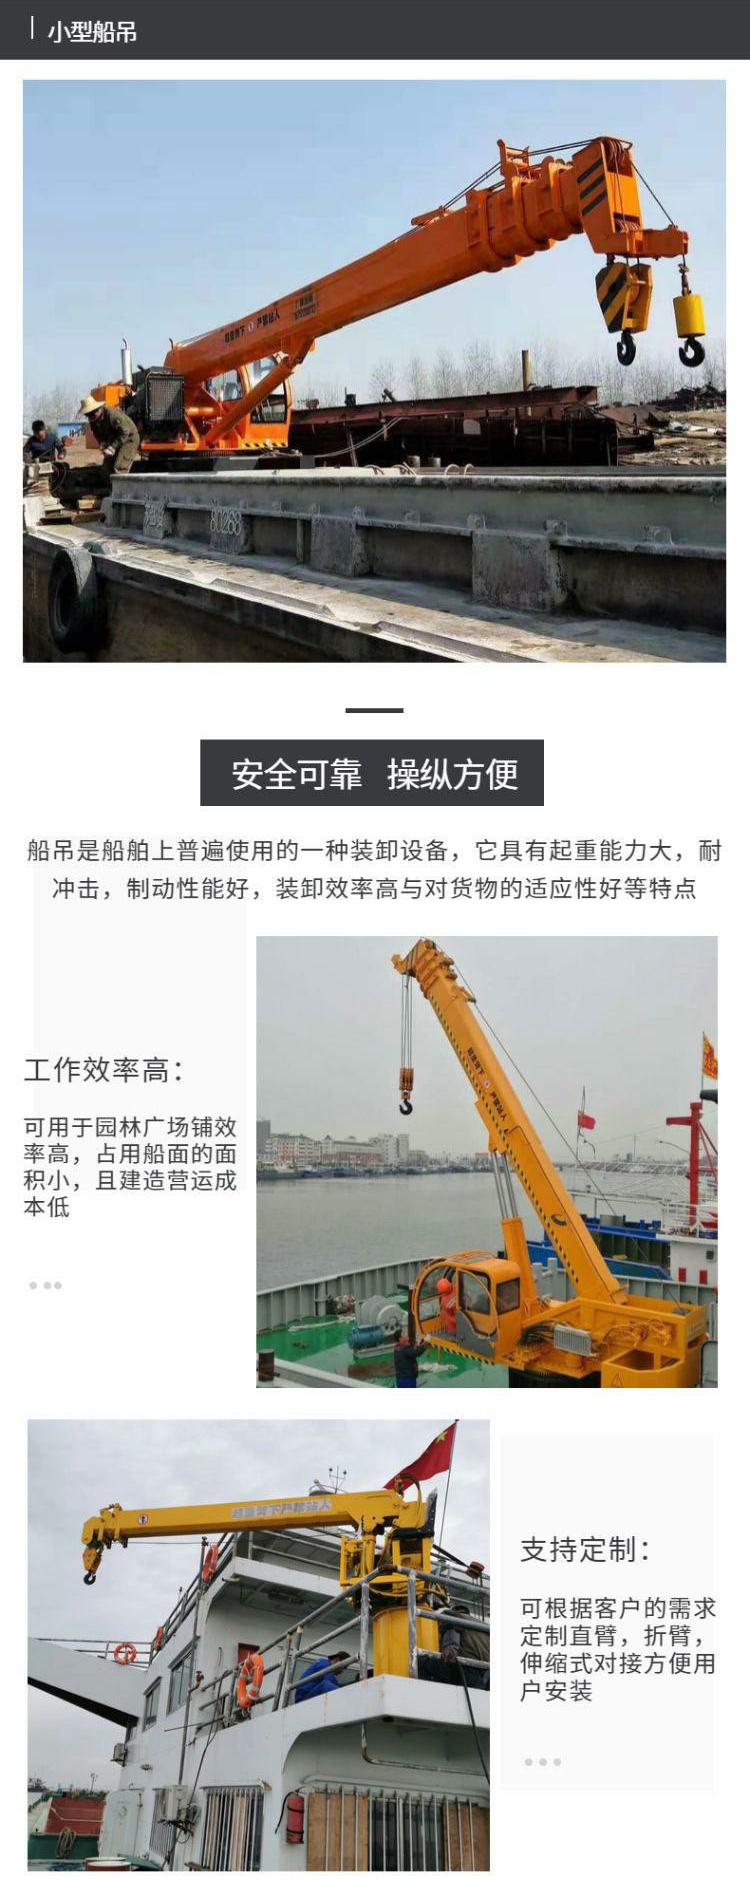 船吊起重机细节